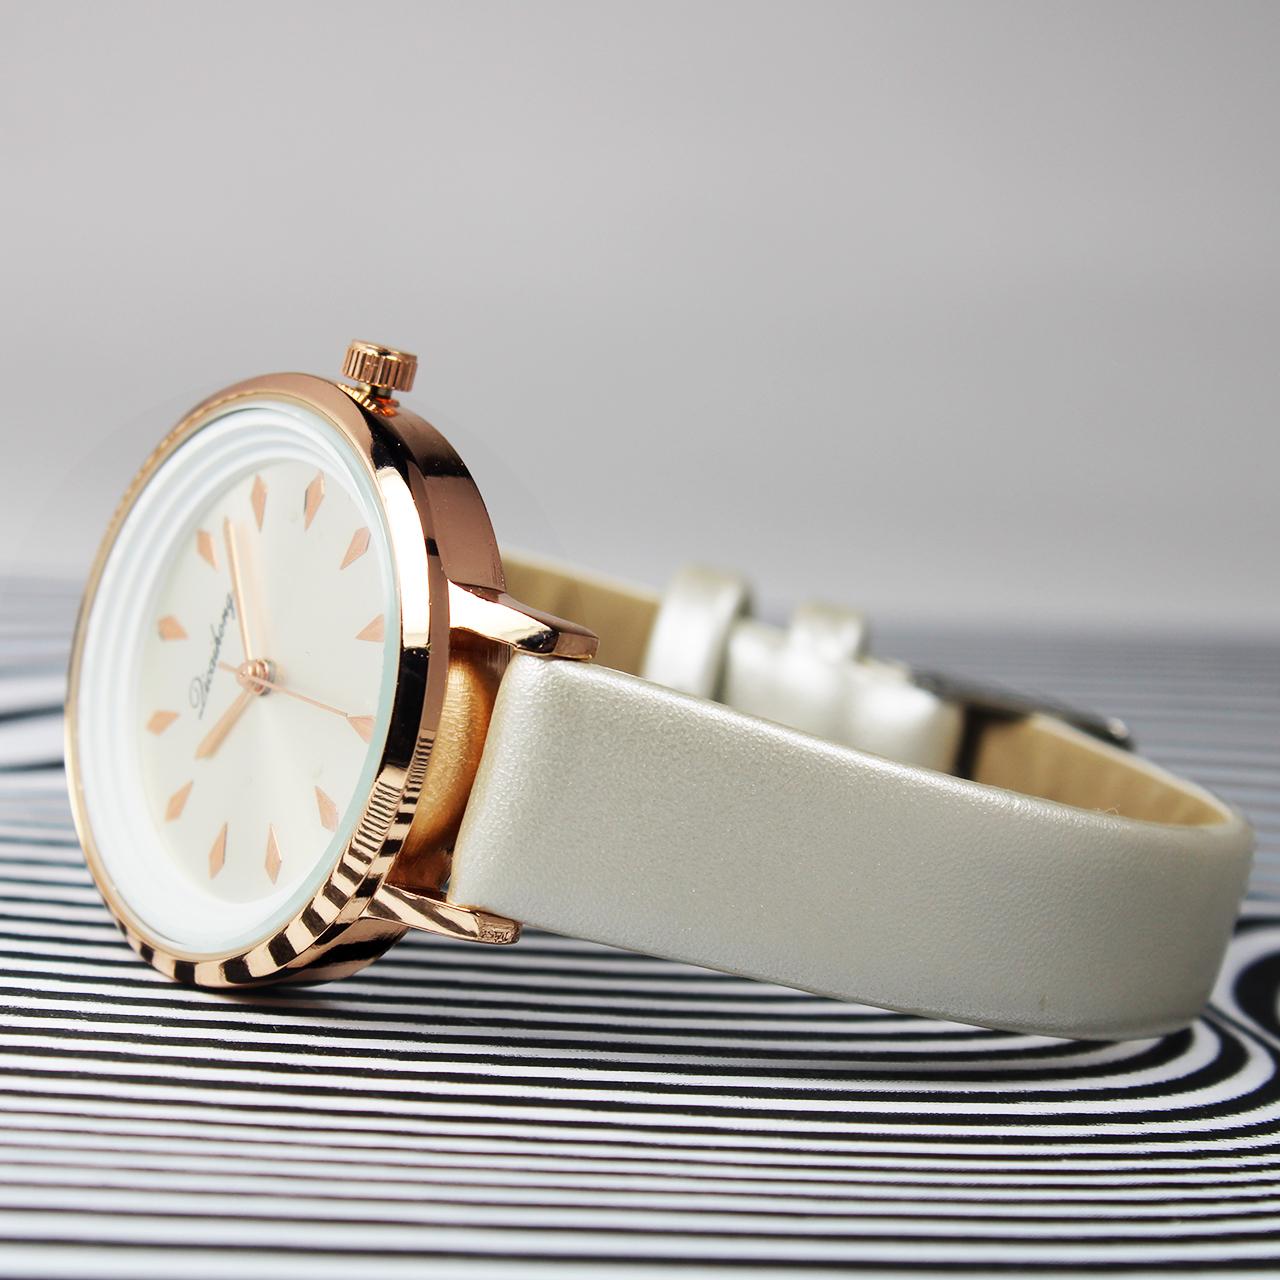 ساعت مچی  زنانه دیکایهونگ مدل D004